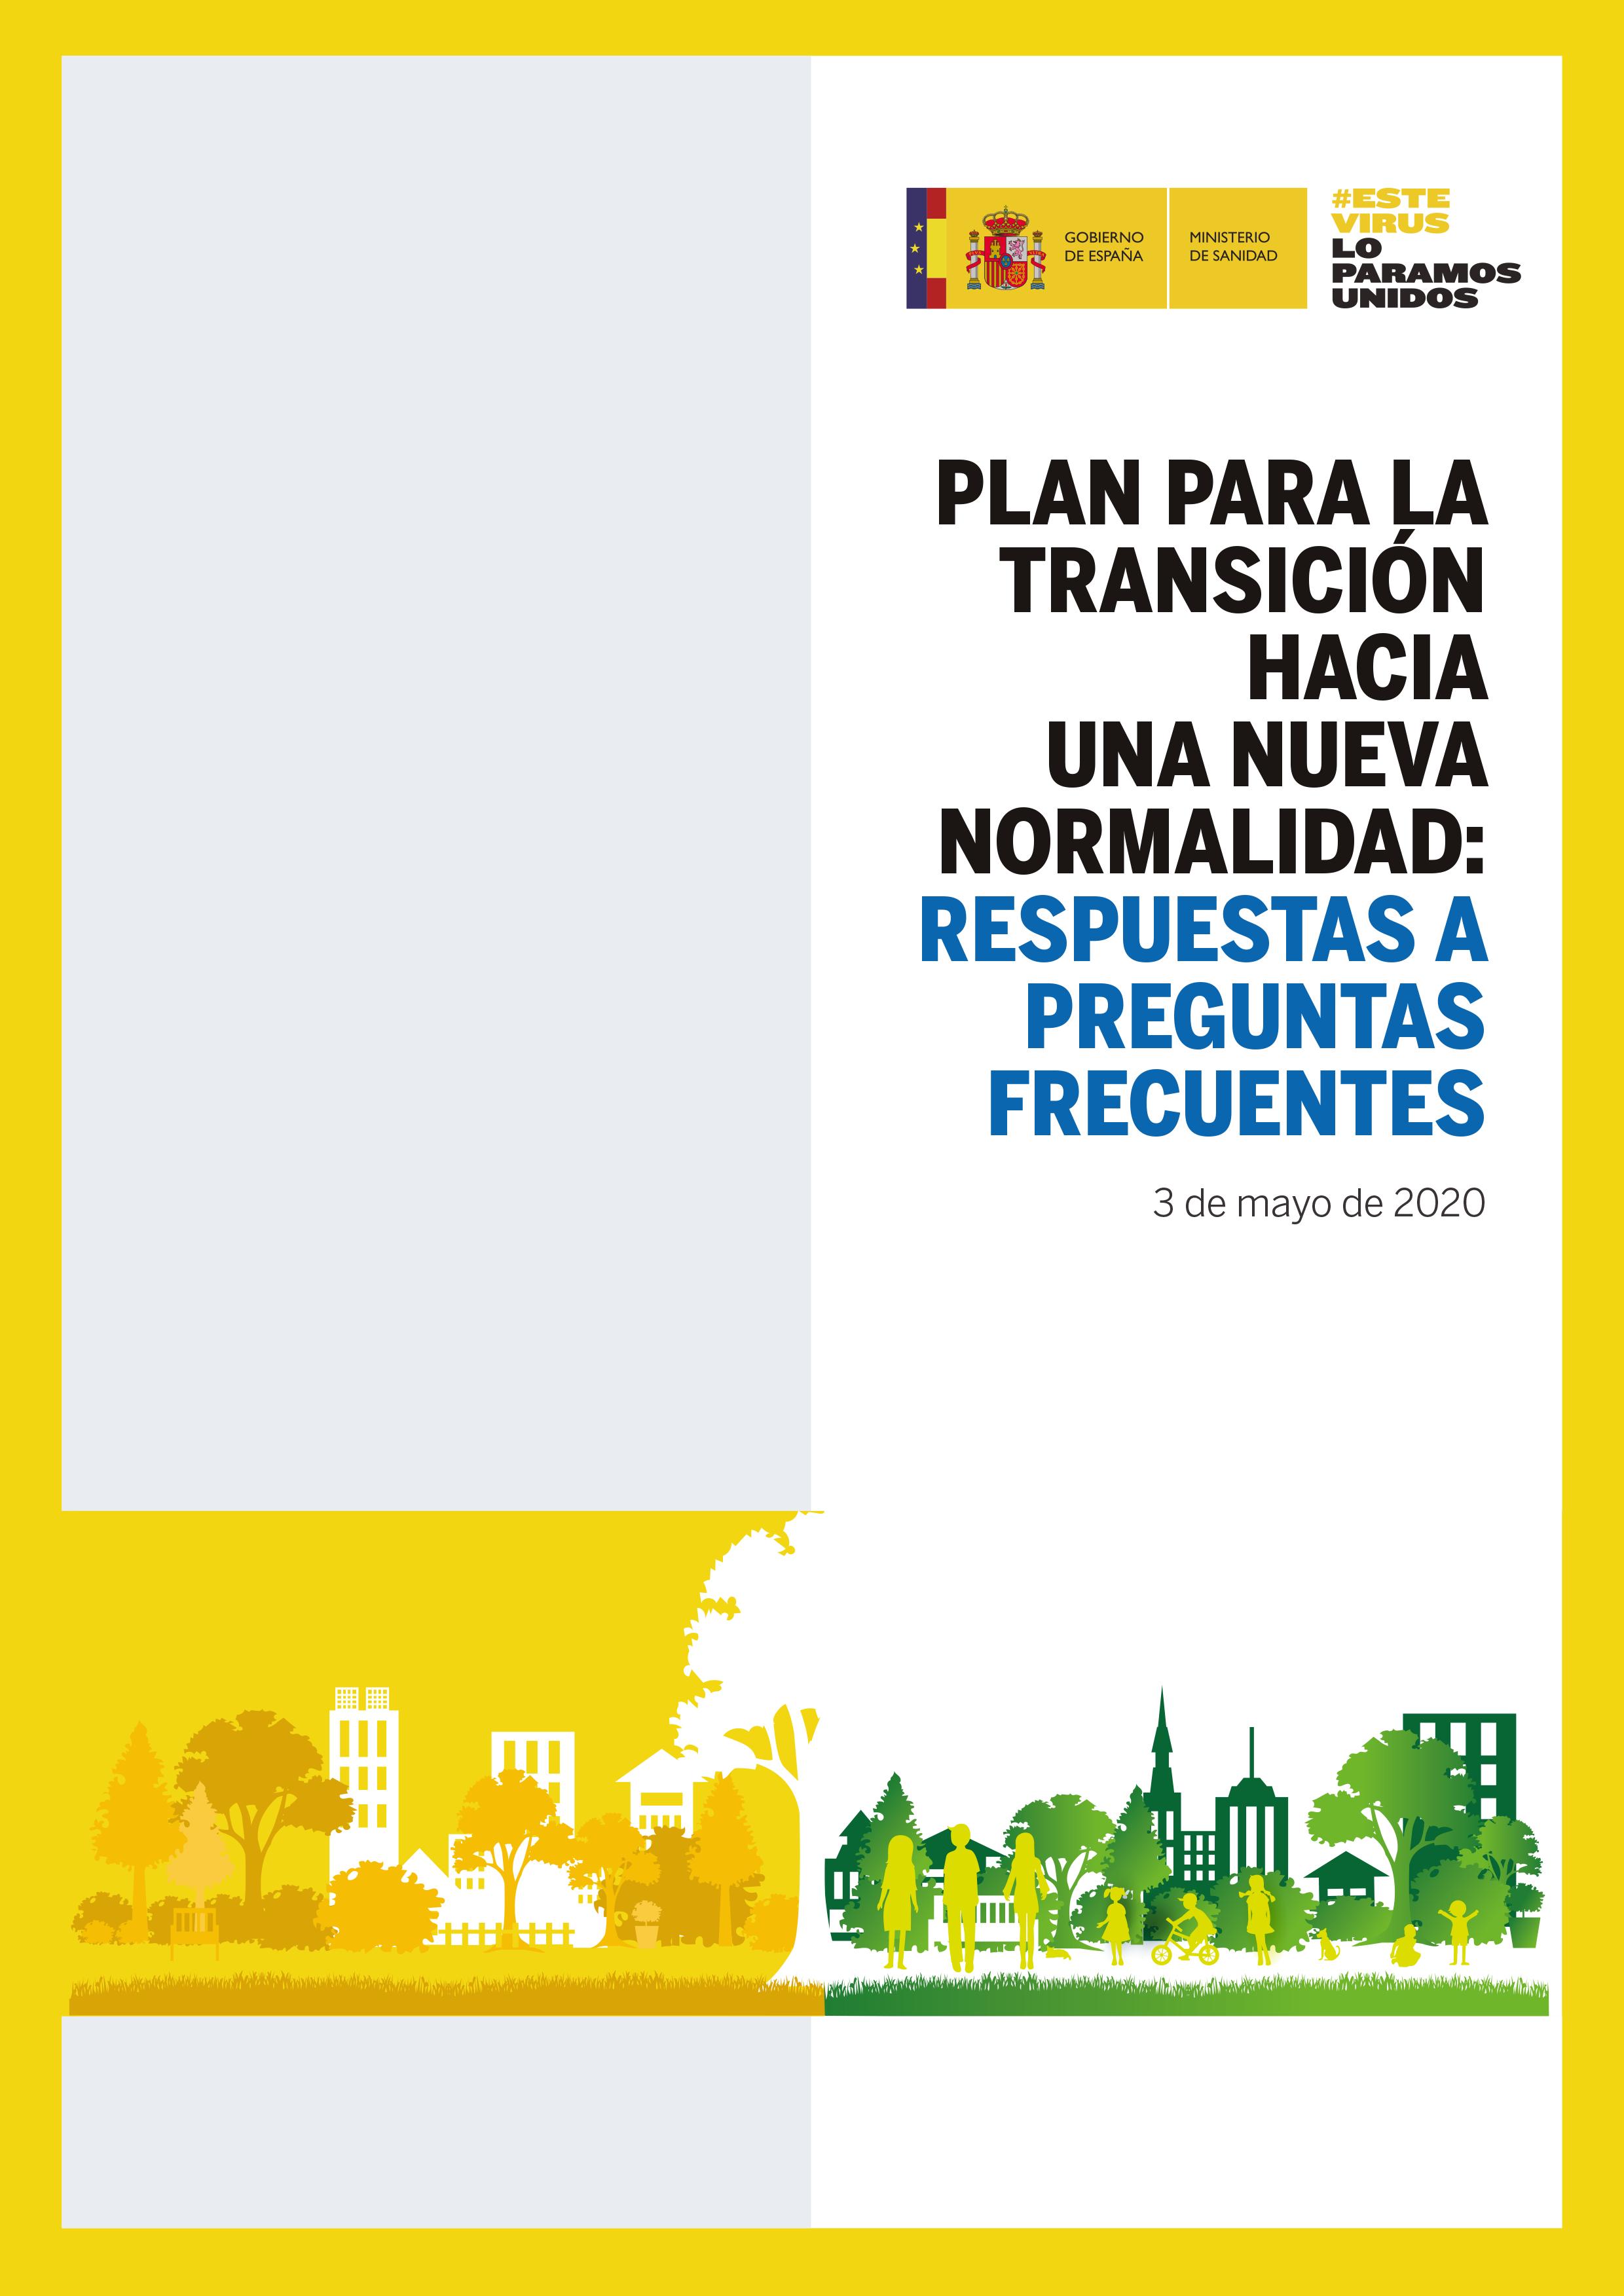 PLAN PARA LA TRANSICIÓN HACIA UNA NUEVA NORMALIDAD: RESPUESTAS A PREGUNTAS FRECUENTES 3 de mayo de 2020